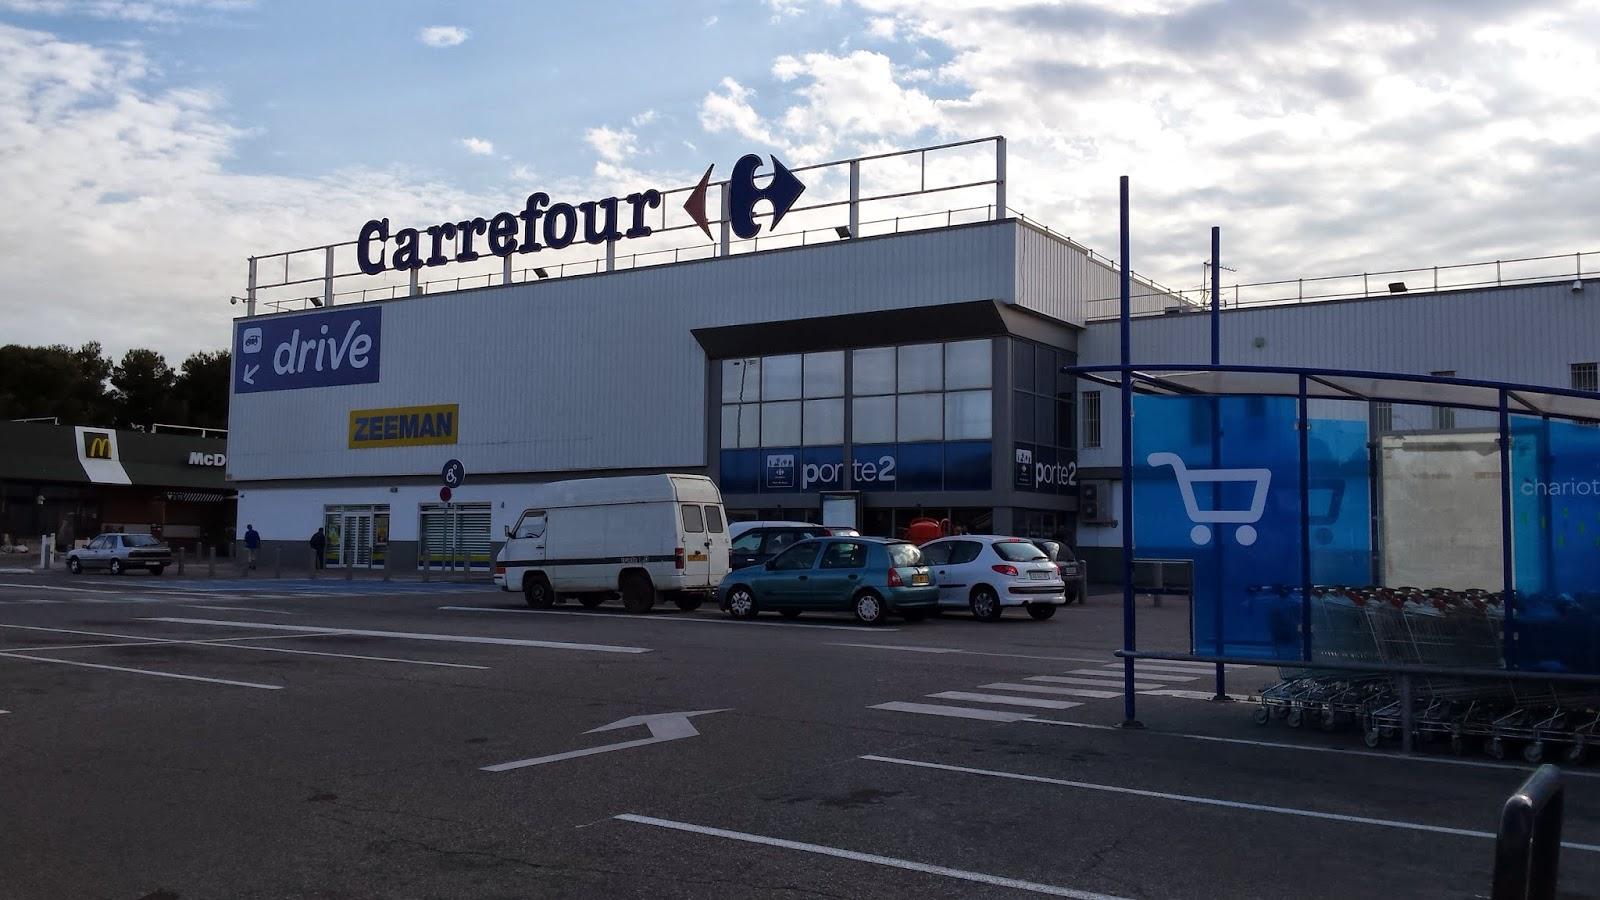 carrefour drive port de bouc 28 images conception de totem pour la station essence carrefour